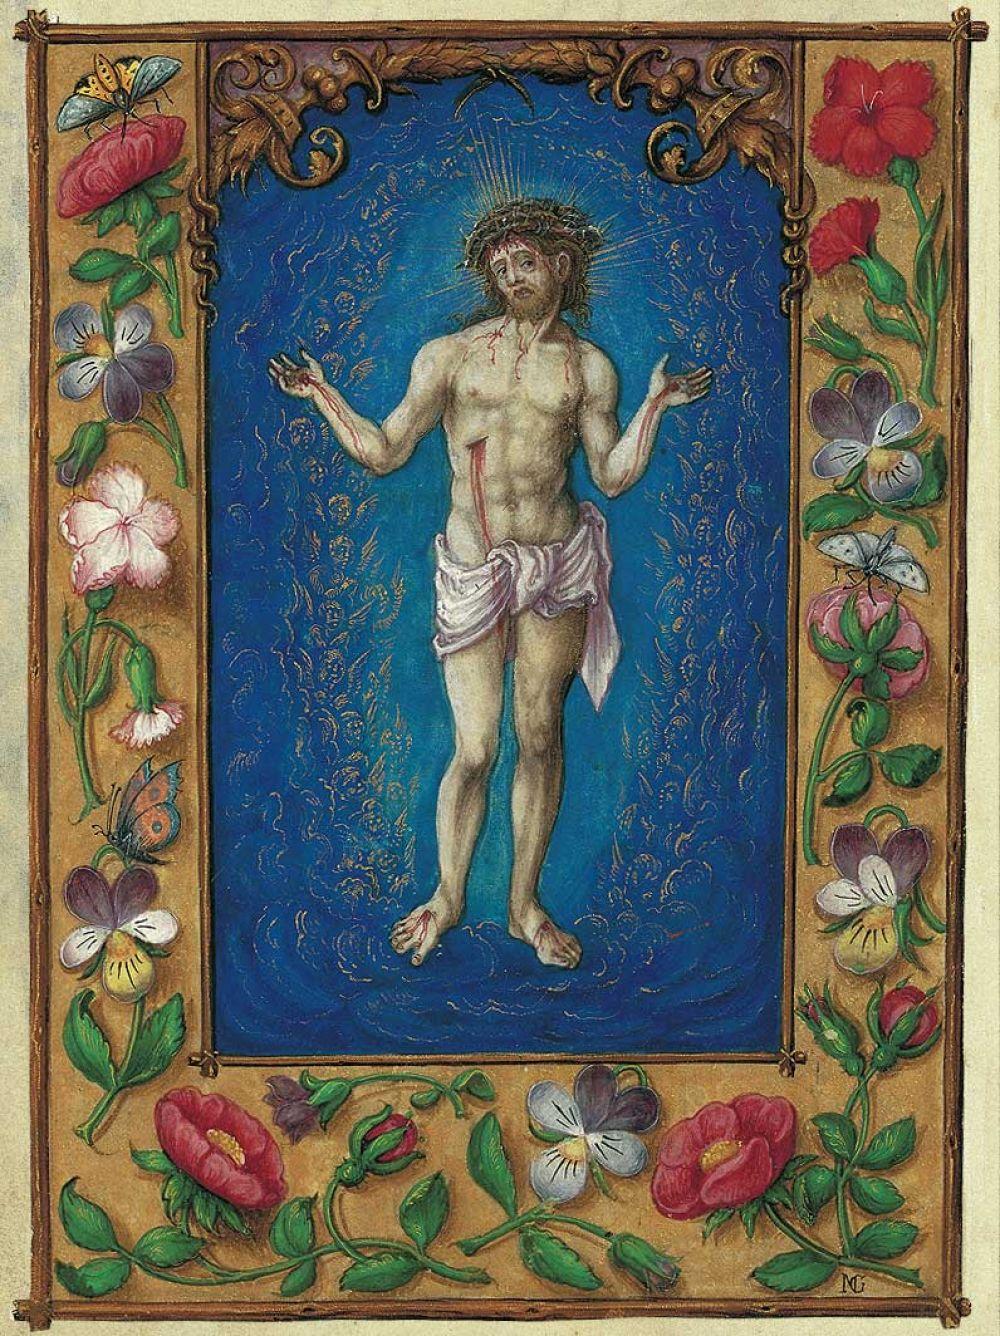 Lámina del Varón de Dolores del Libro de Oración de Alberto de Brandemburgo Varón de los Dolores, f. 76r